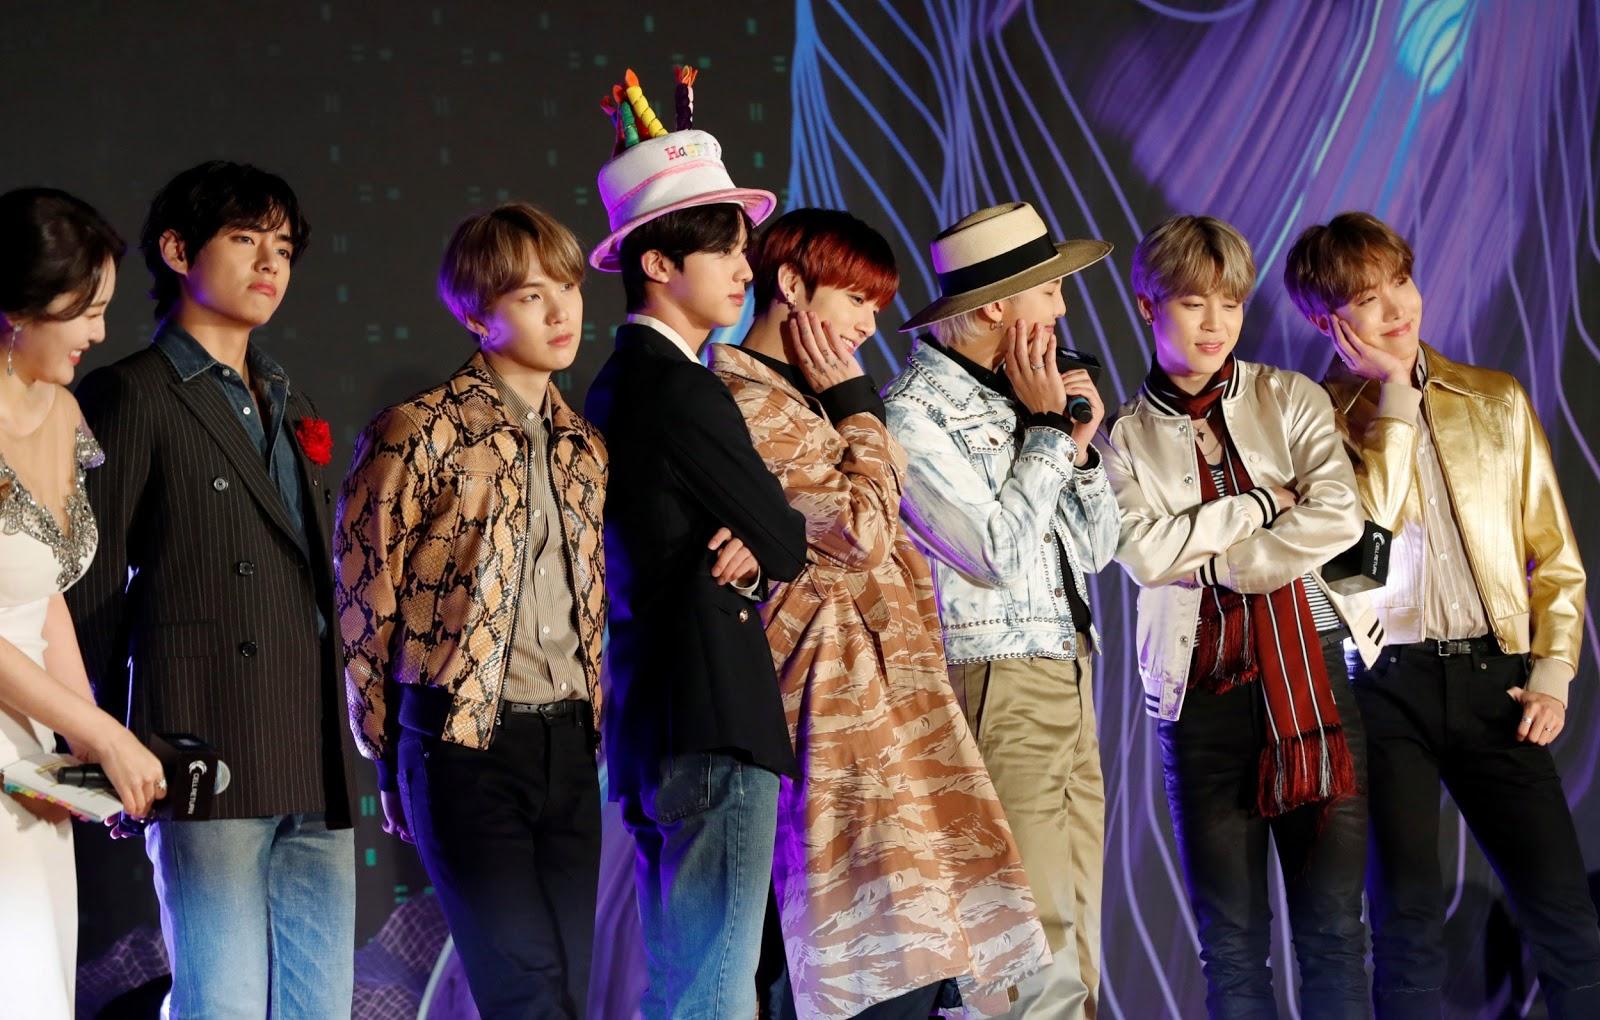 bts-jin-group